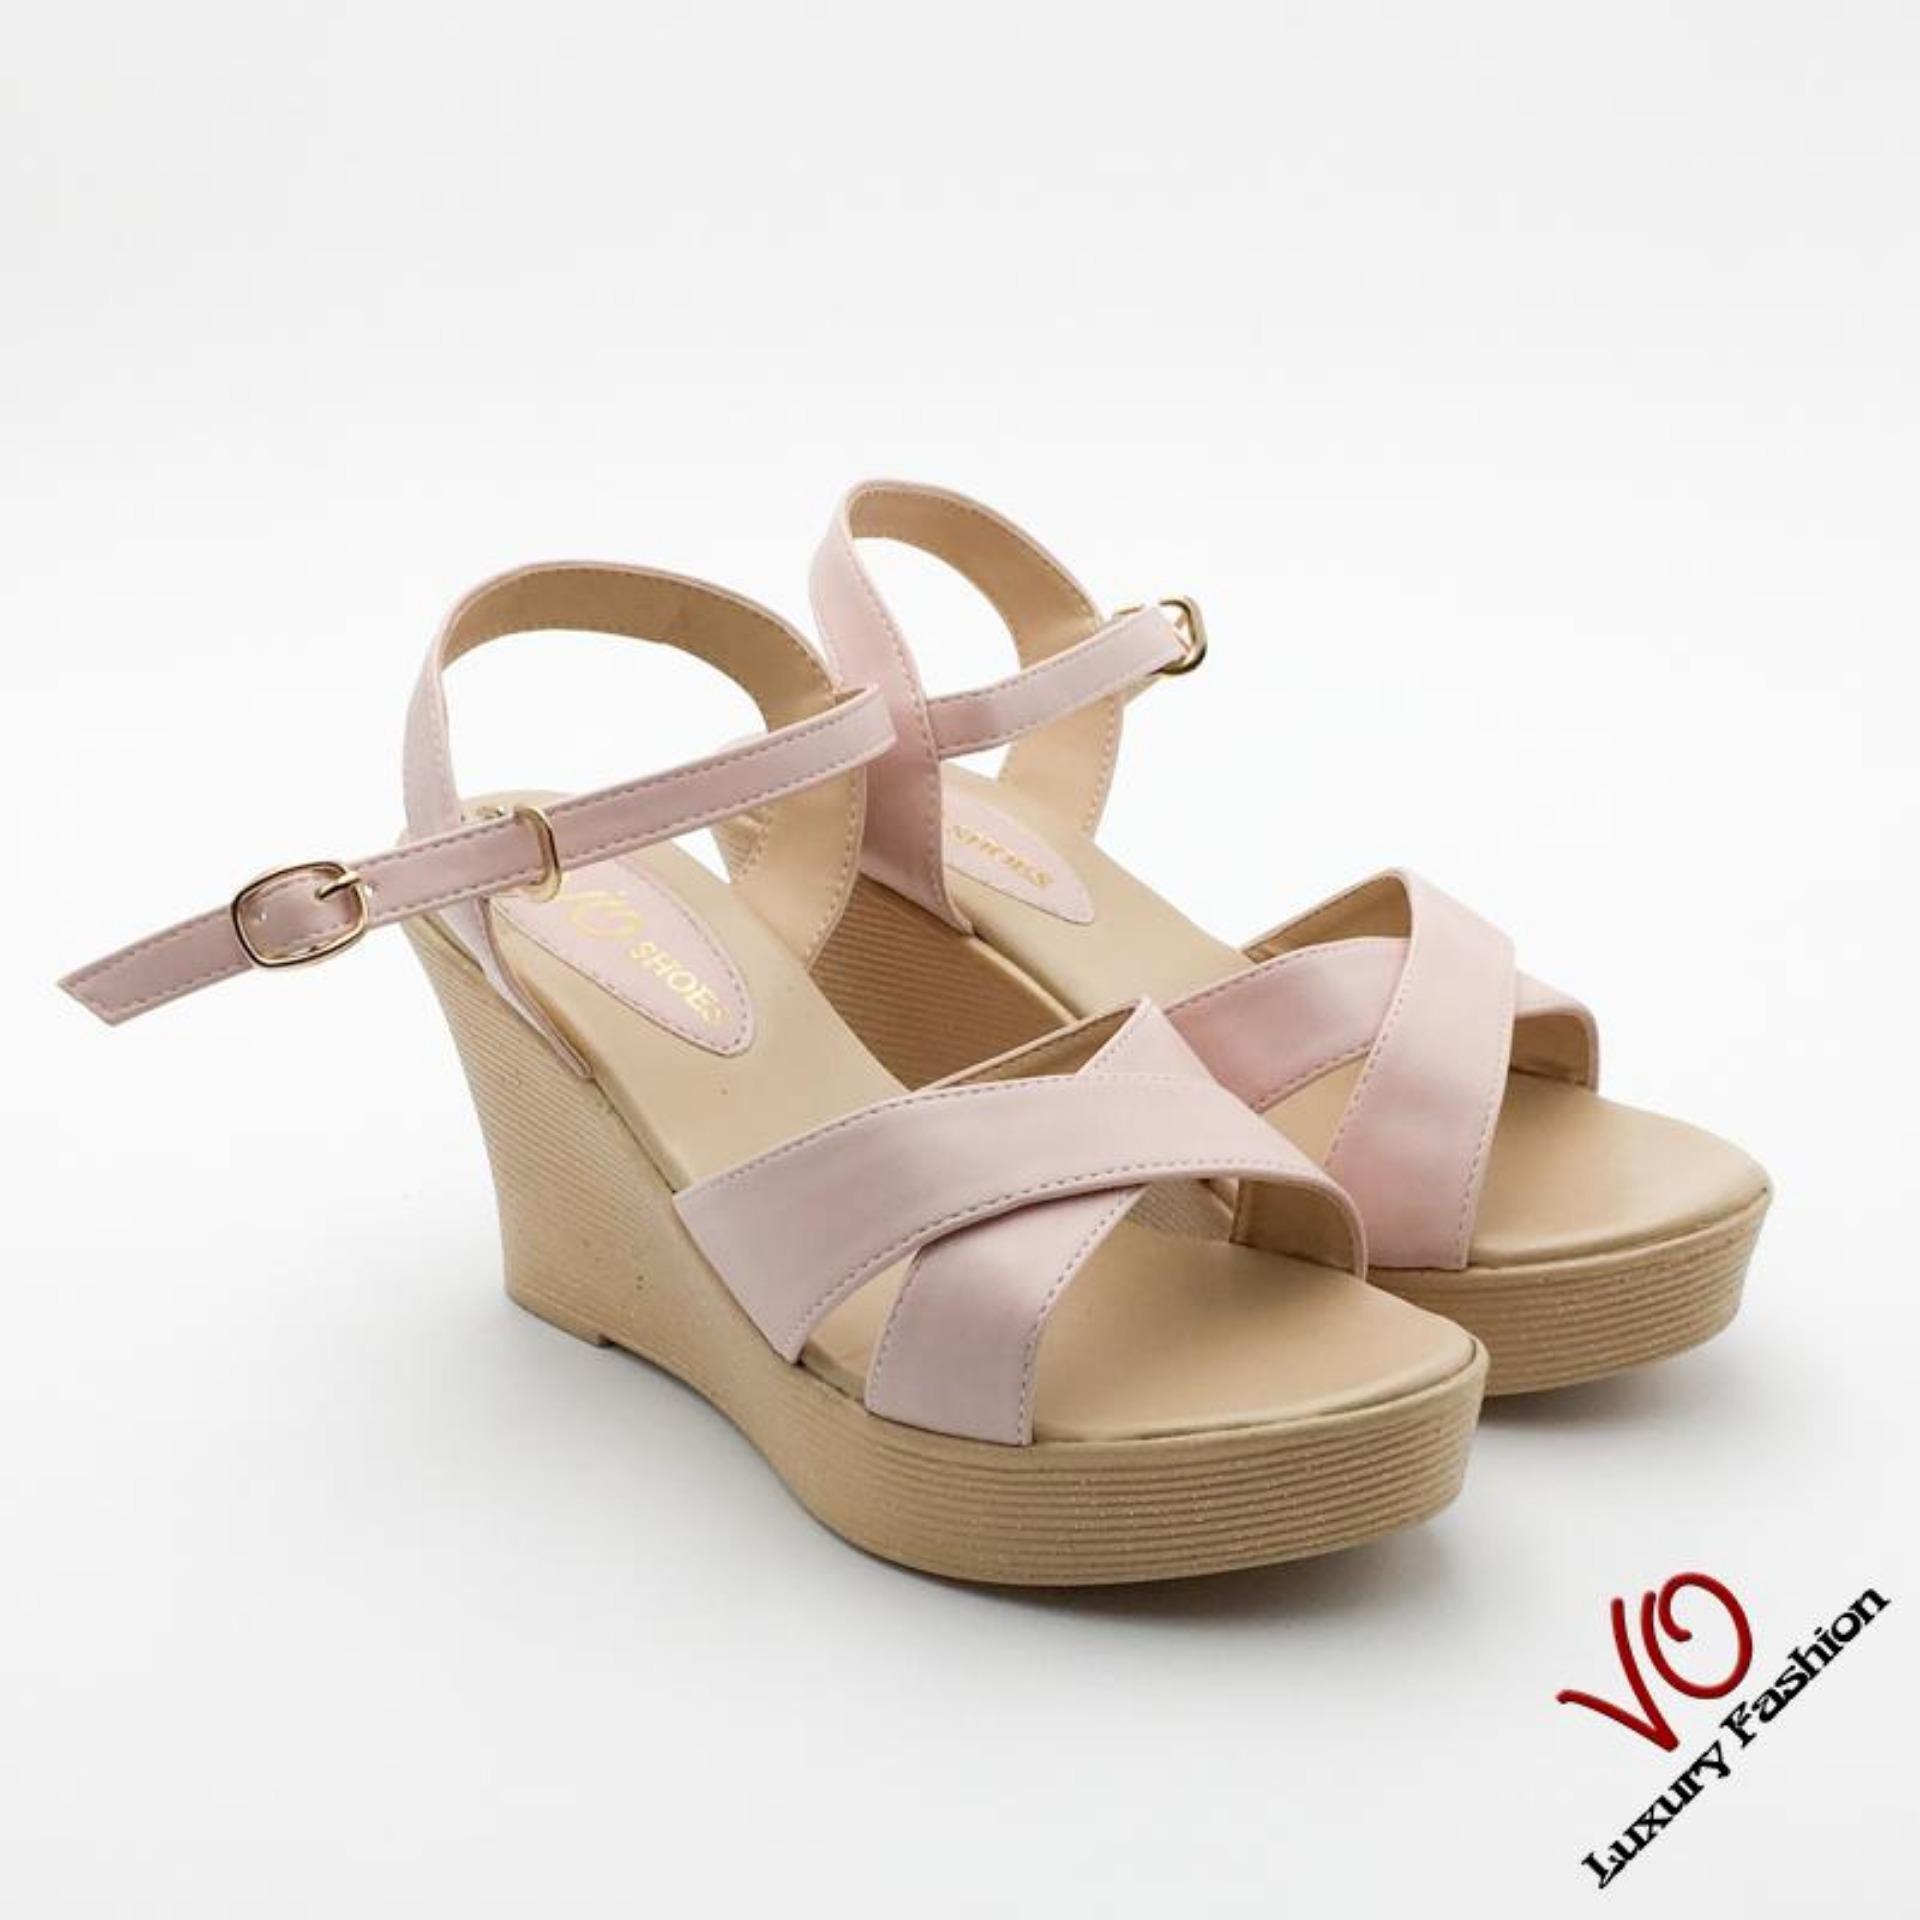 Vì sao mua Sandal xuồng màu kem phớt hồng nhạt: VO shoes